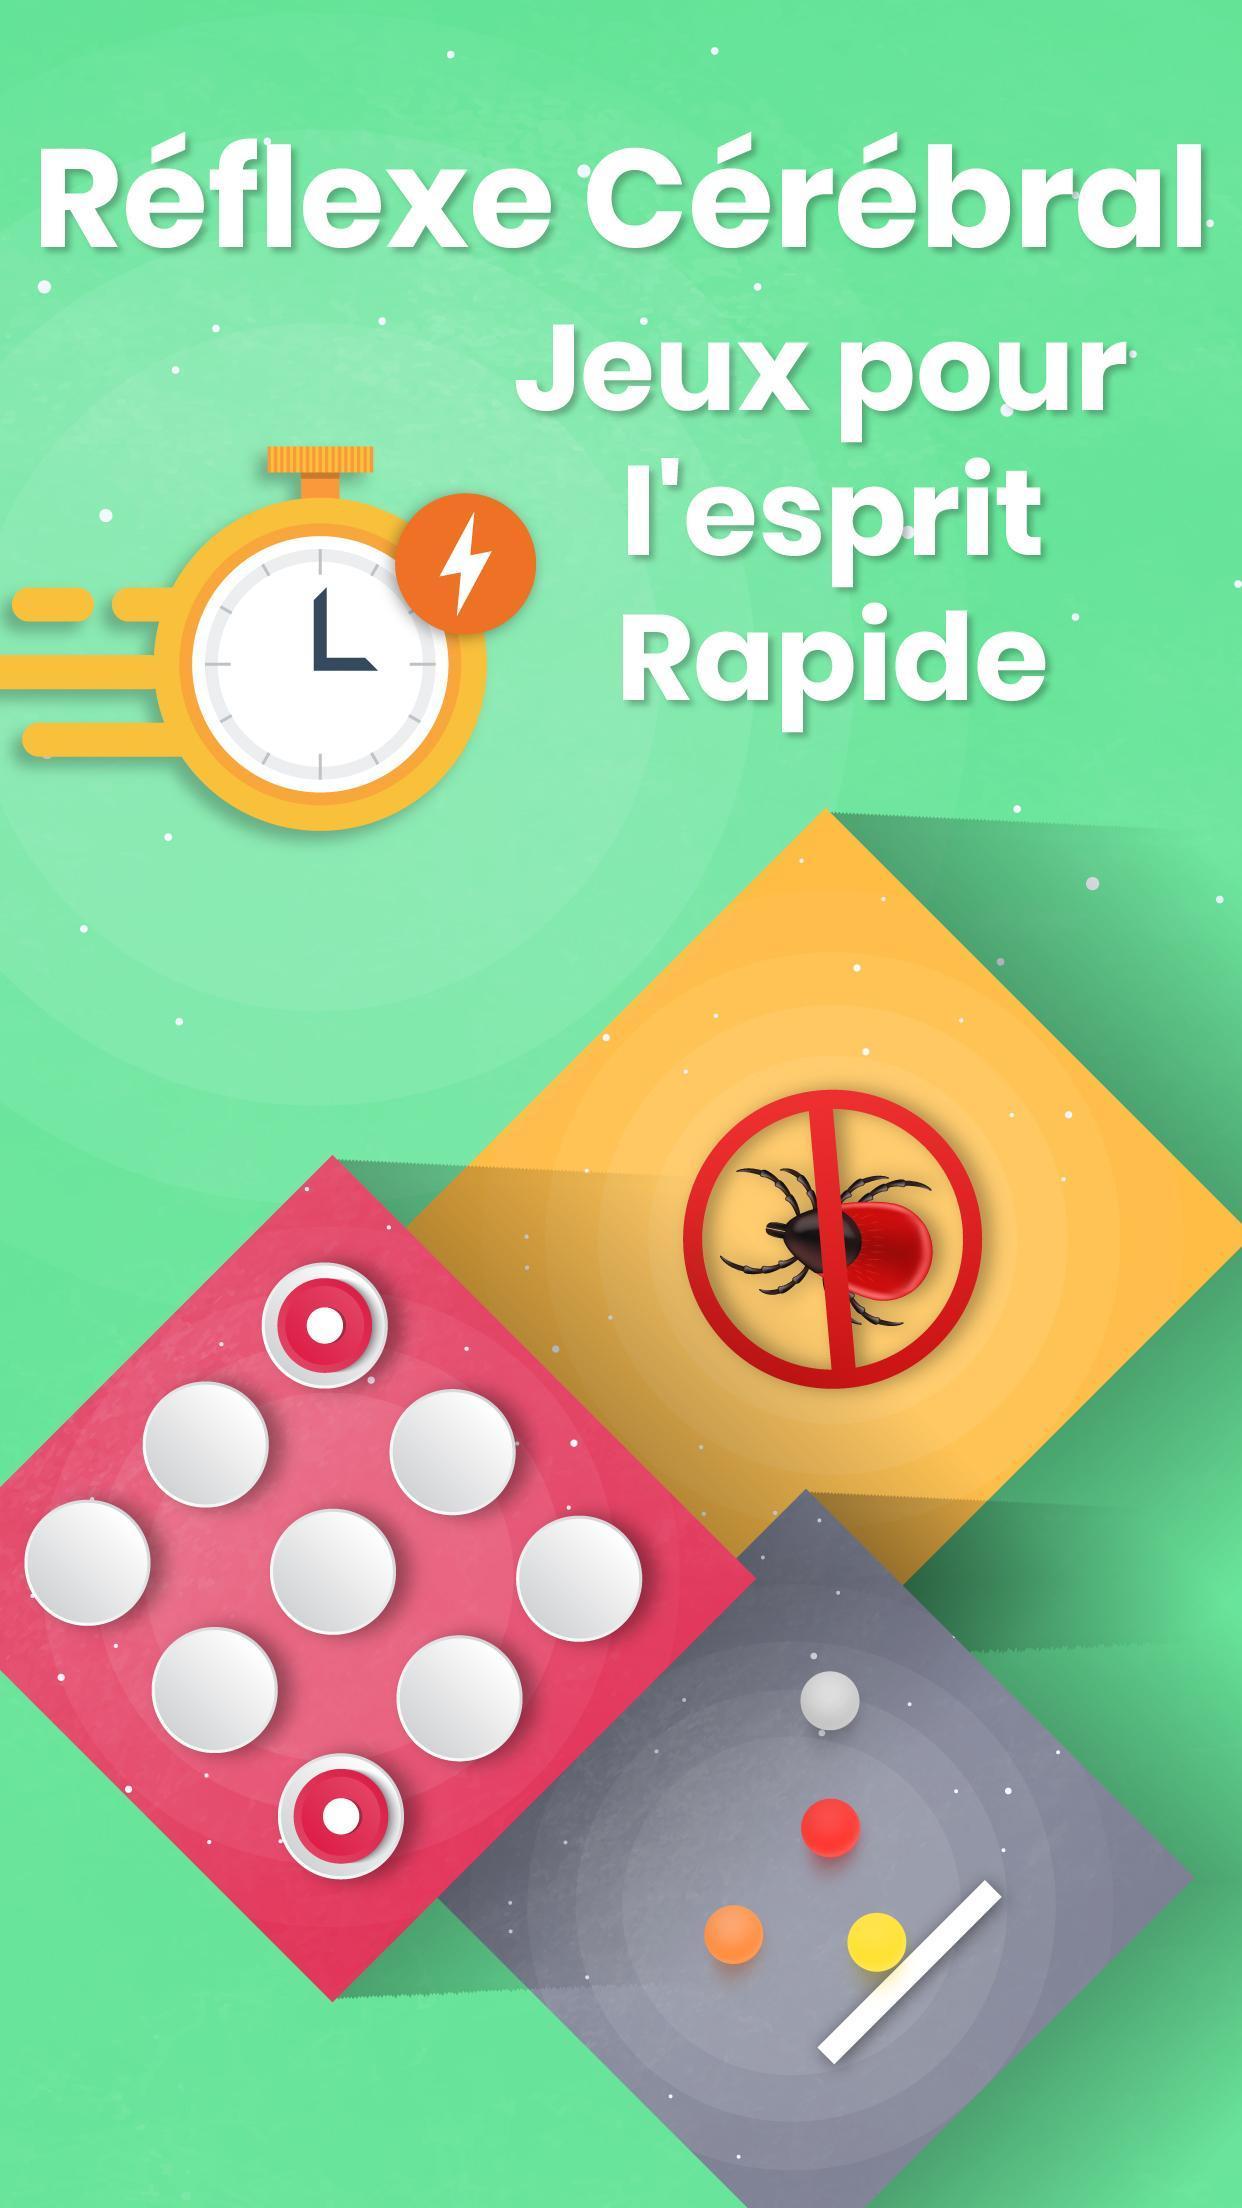 Jeux Cérébral Gratuit Pour Adultes Et Enfants Pour Android intérieur Jeux De Reflexion Gratuit Pour Adulte